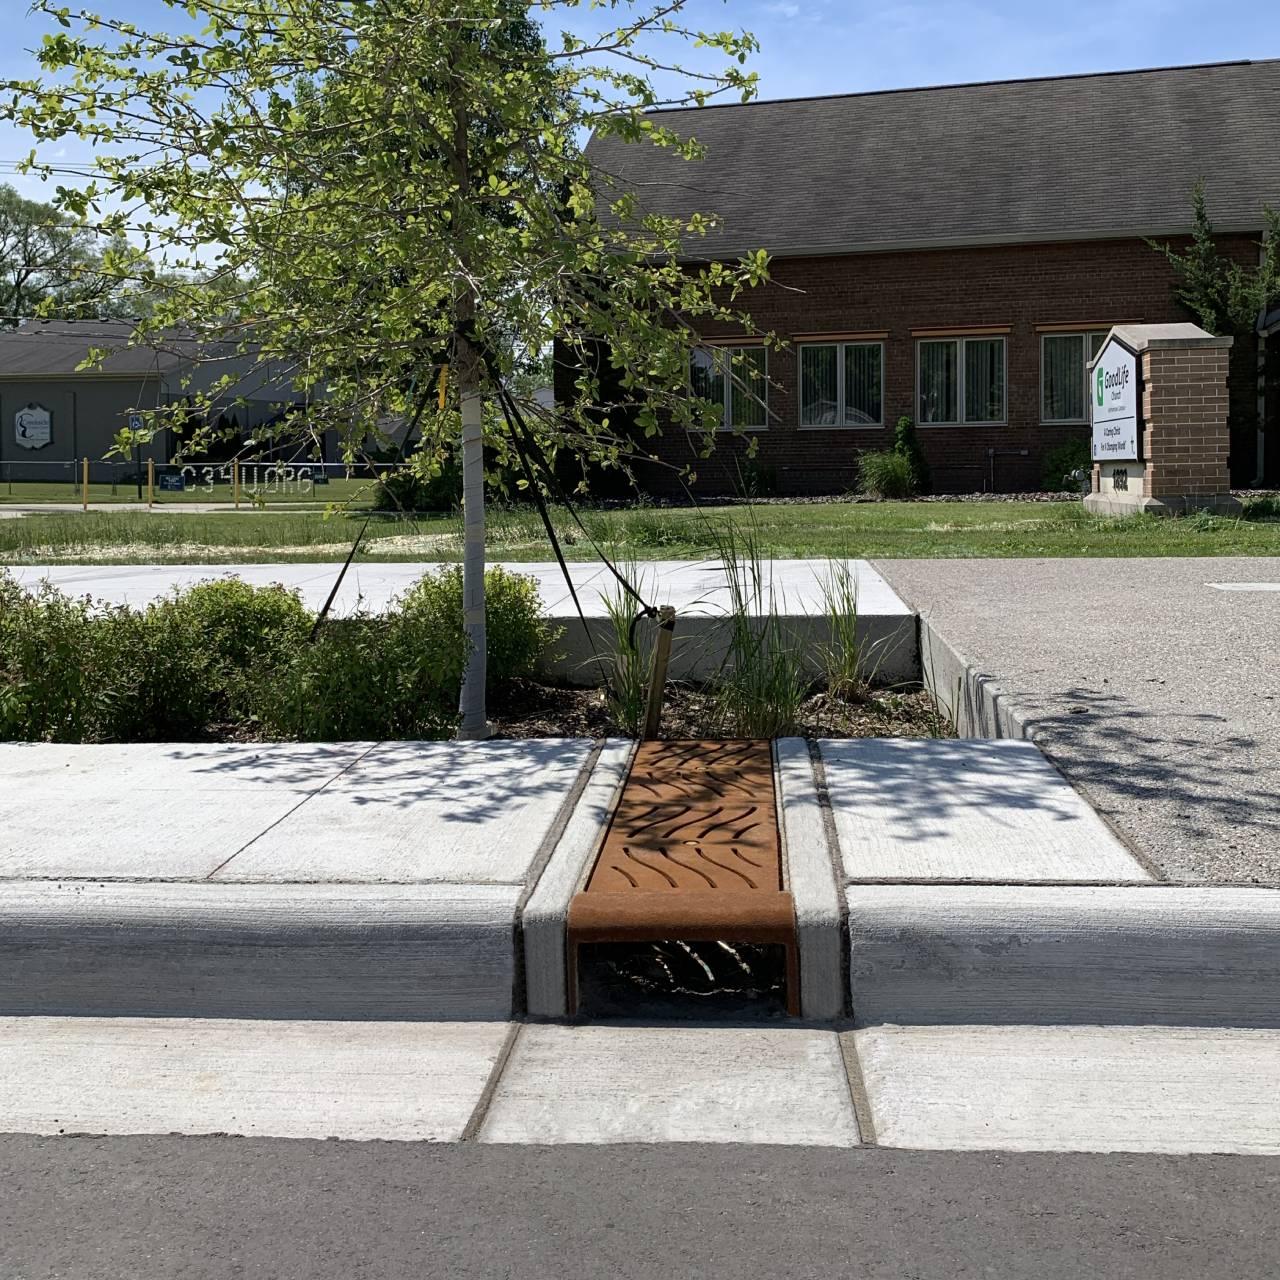 Sidewalk Cast Iron Curb Opening